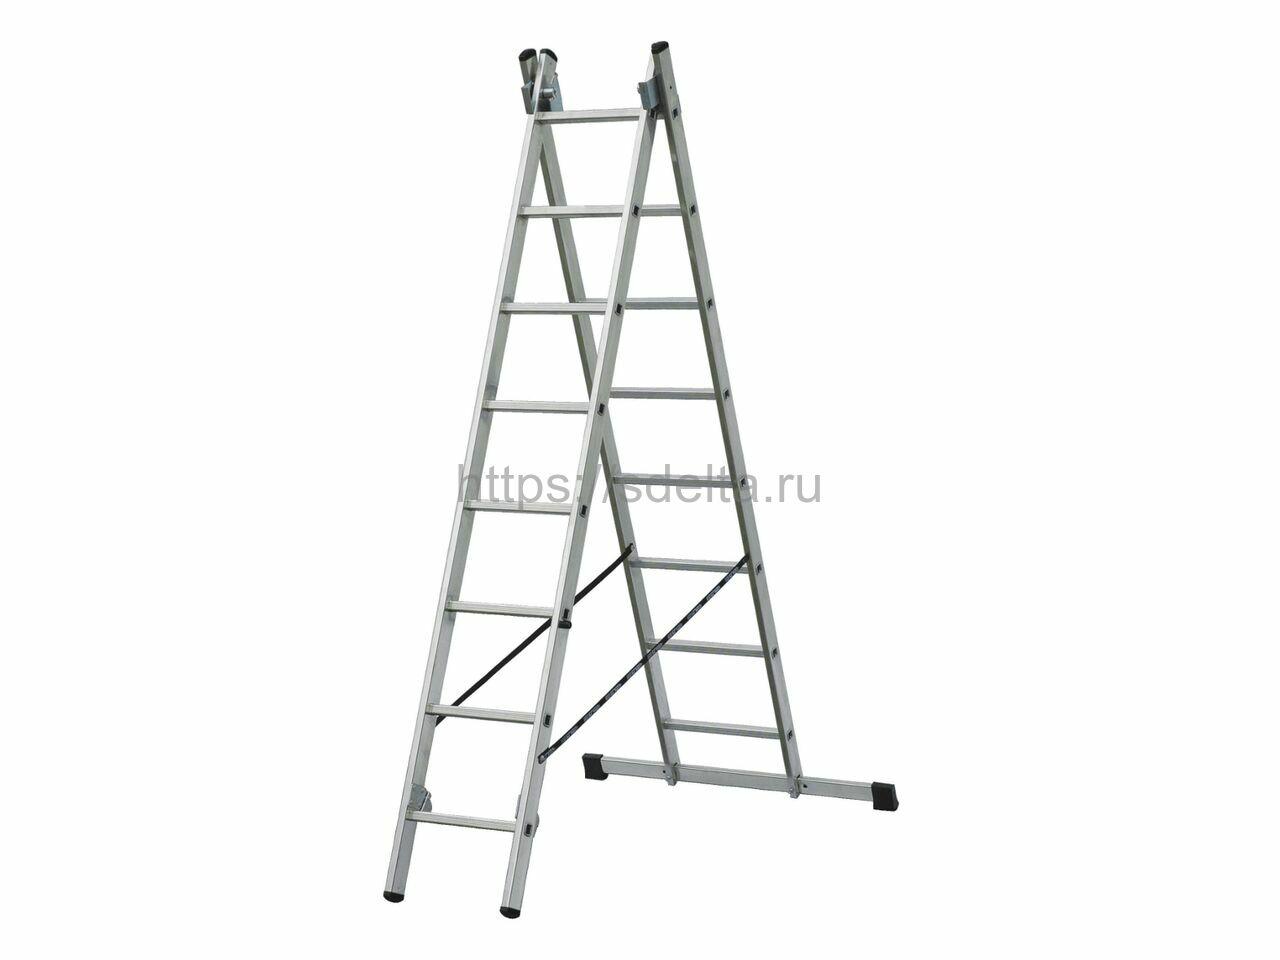 Двухсекционная алюминиевая лестница-стремянка ELKOP VHR 2x10 HK